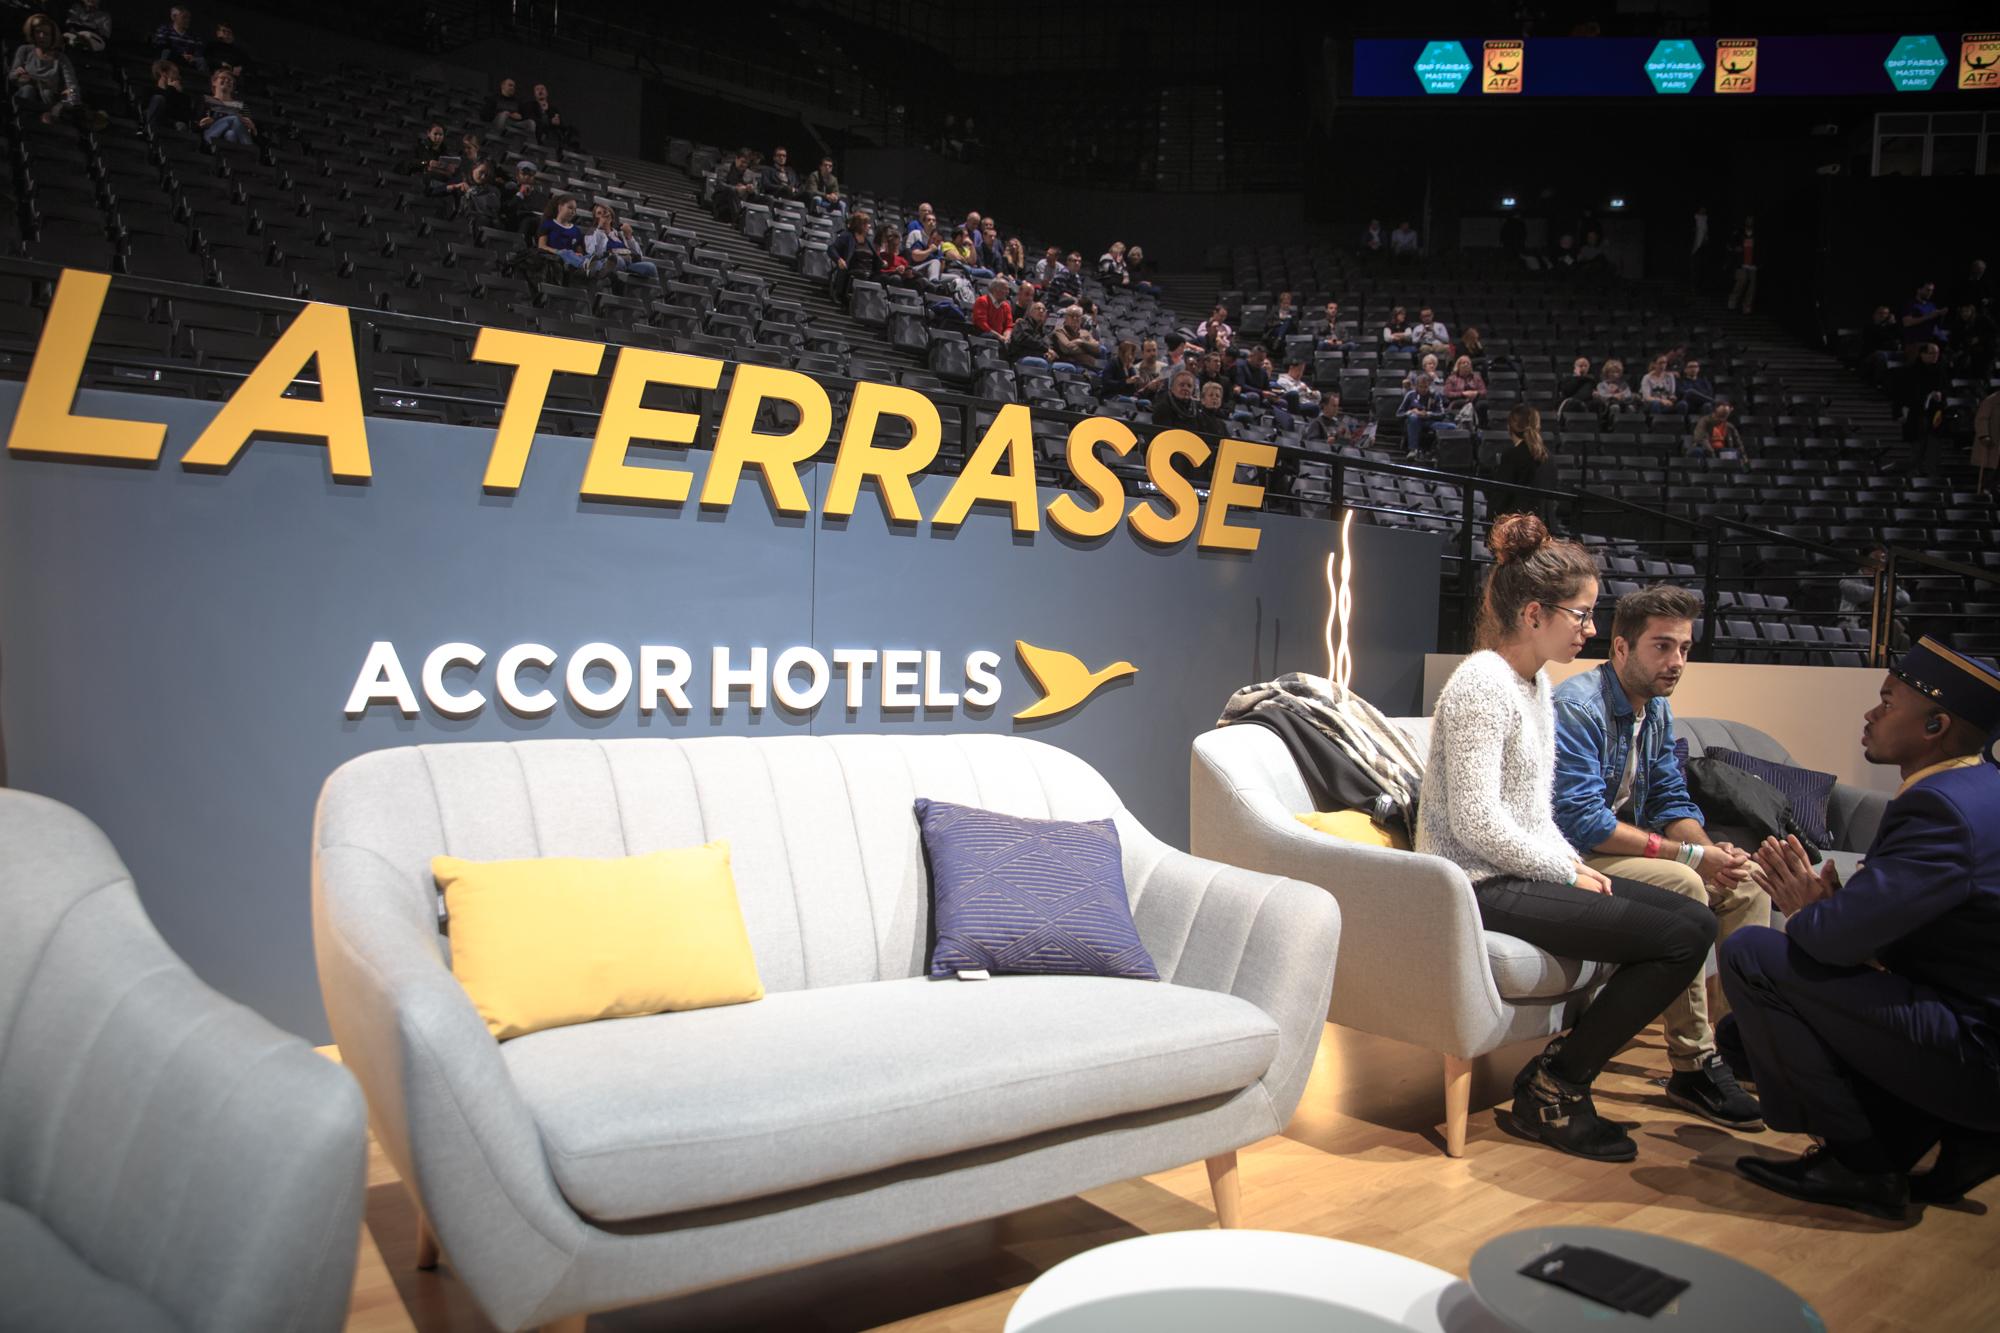 la-terasse-accorhotels-arena-tennis-bercy-fan-experience